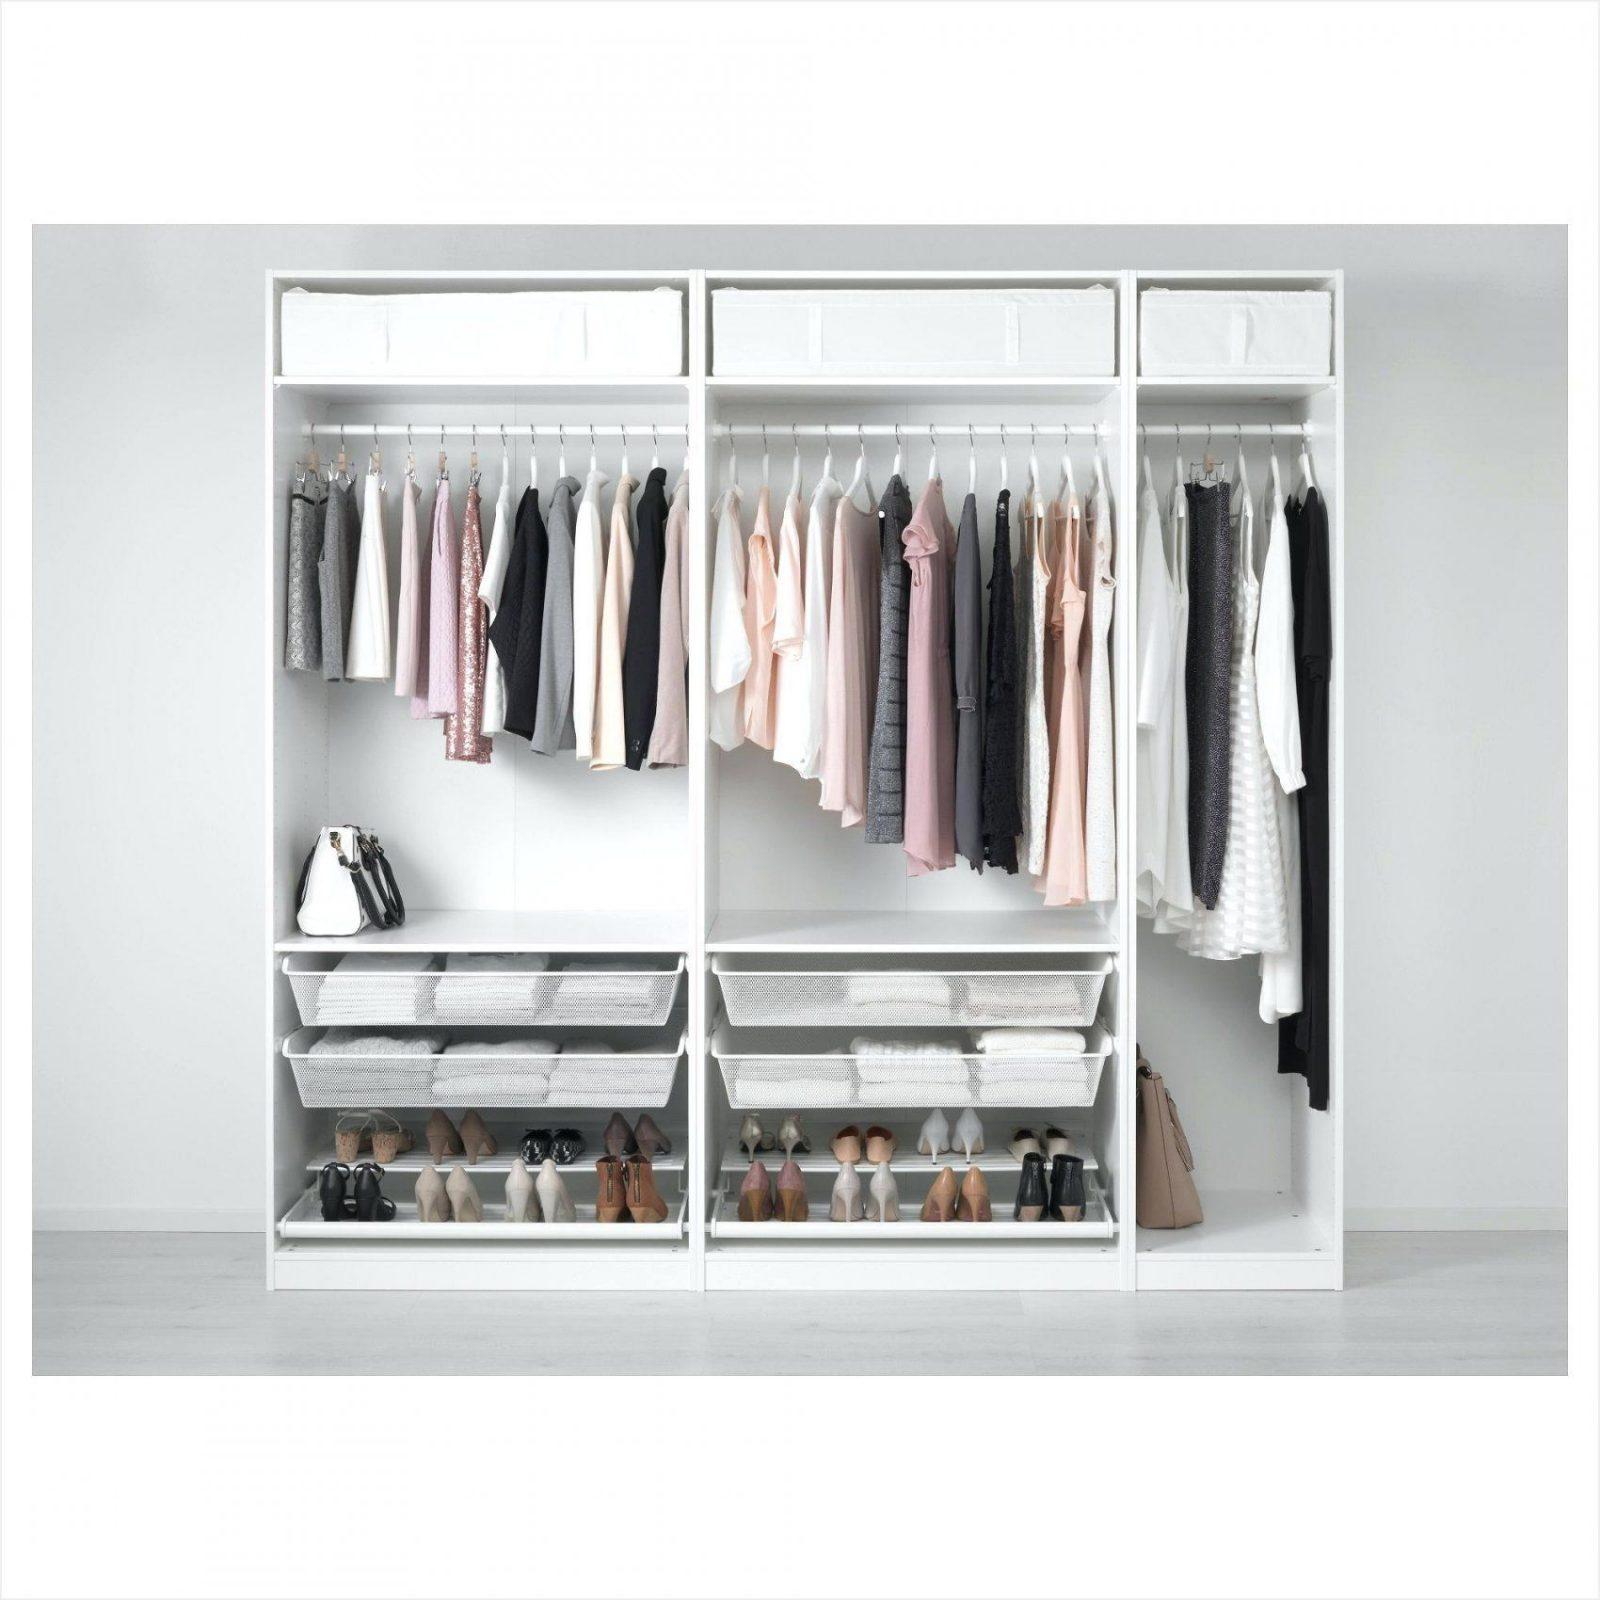 Awesome Offener Kleiderschrank Kleiderschrank Selber Bauen Ideen von Offenen Kleiderschrank Selber Bauen Bild